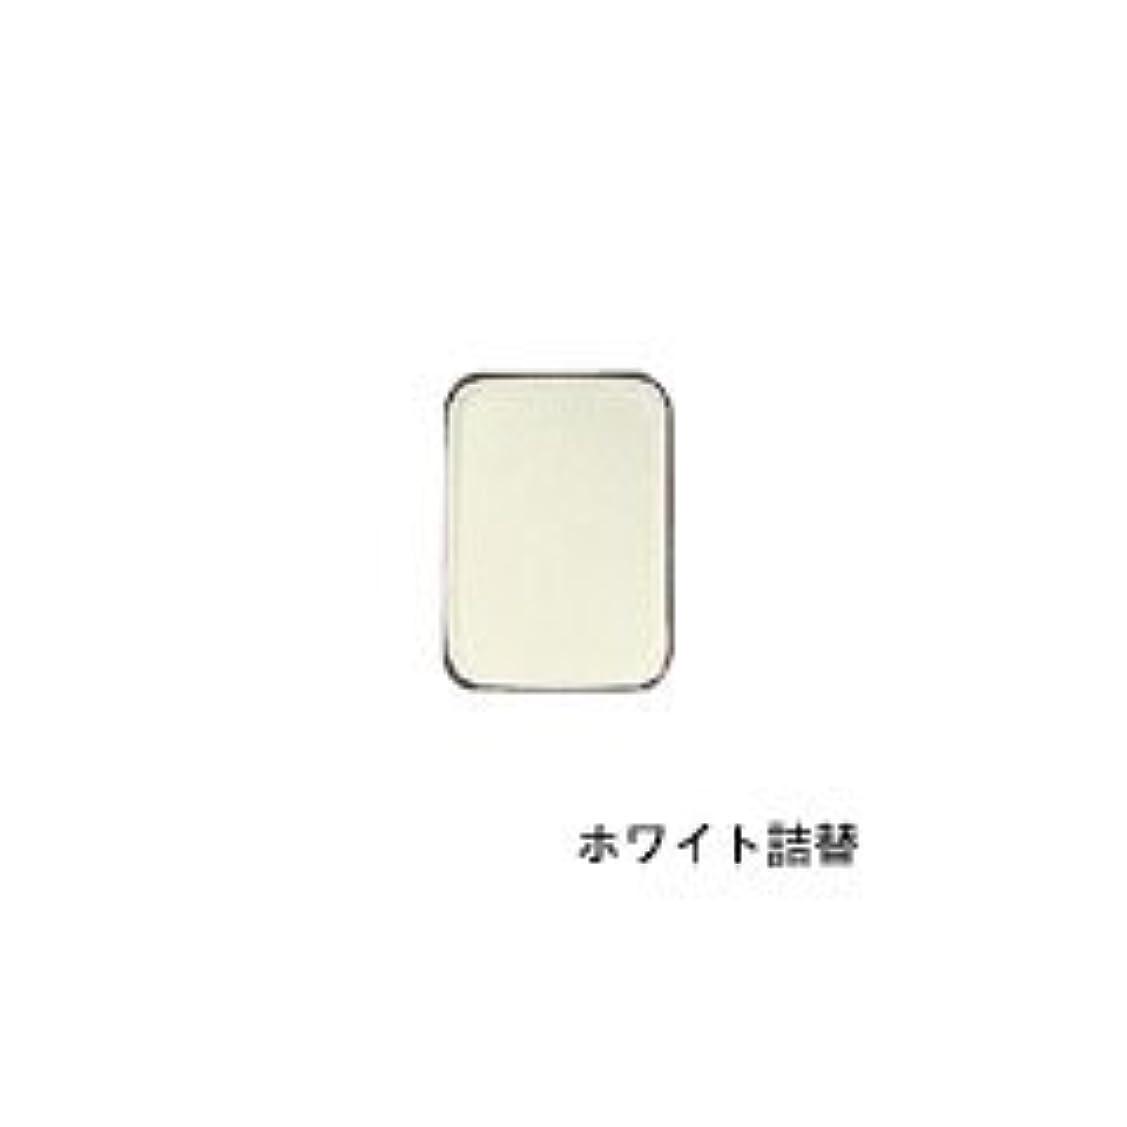 の中で教義少ないリマナチュラル ピュアアイカラー 詰替用 ホワイト×2個       JAN:4514991230439